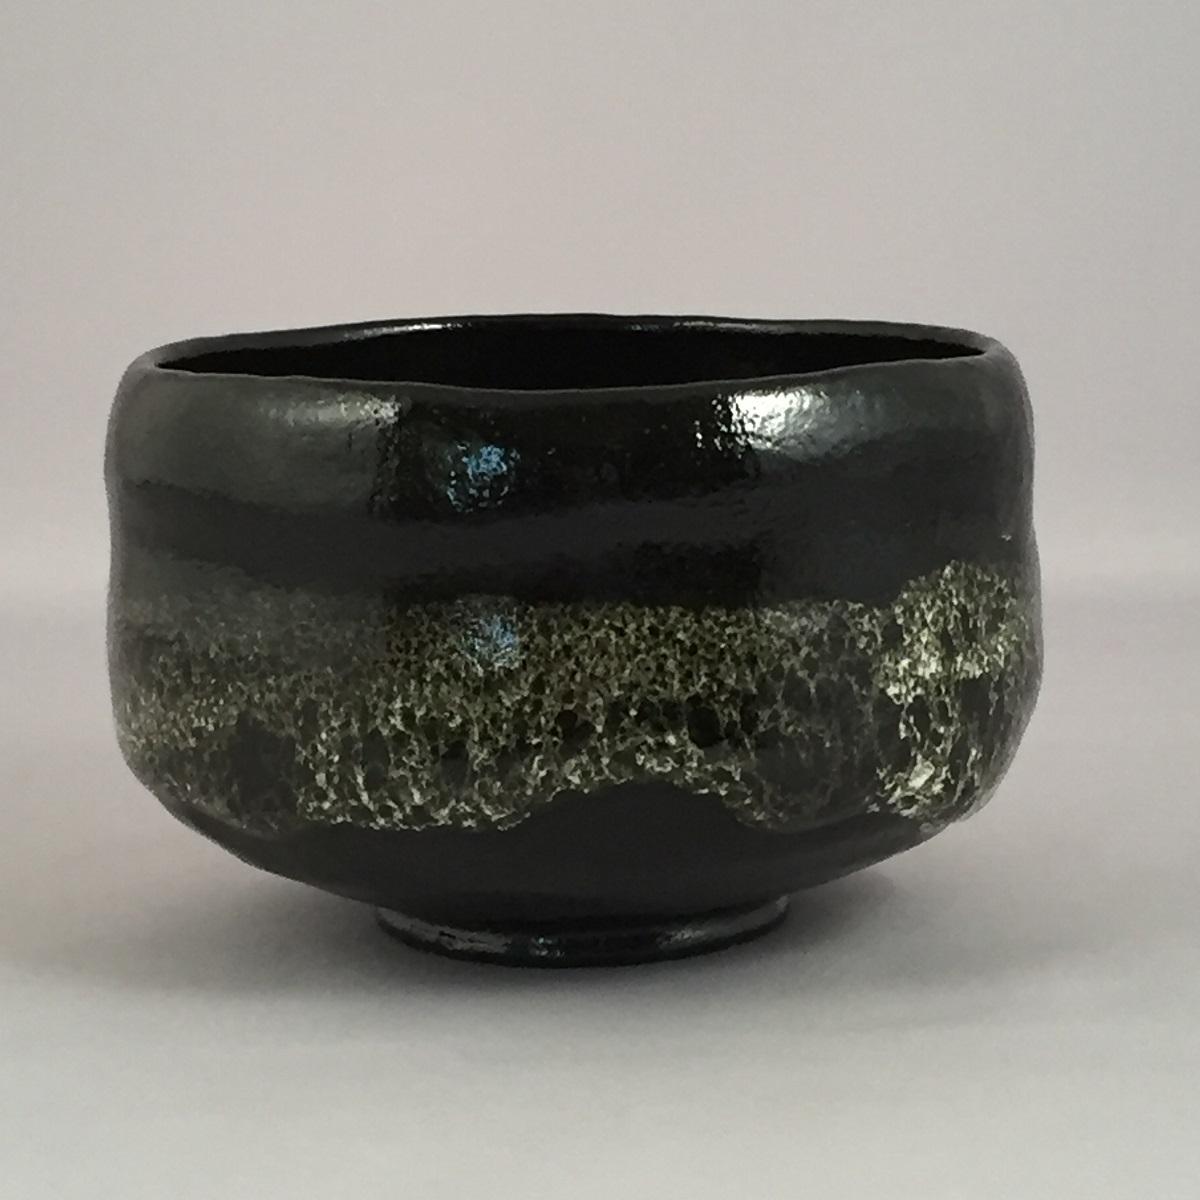 【共箱】三代 佐々木昭楽作 銘「荒磯」 のんこう写 黒楽茶碗 茶道具